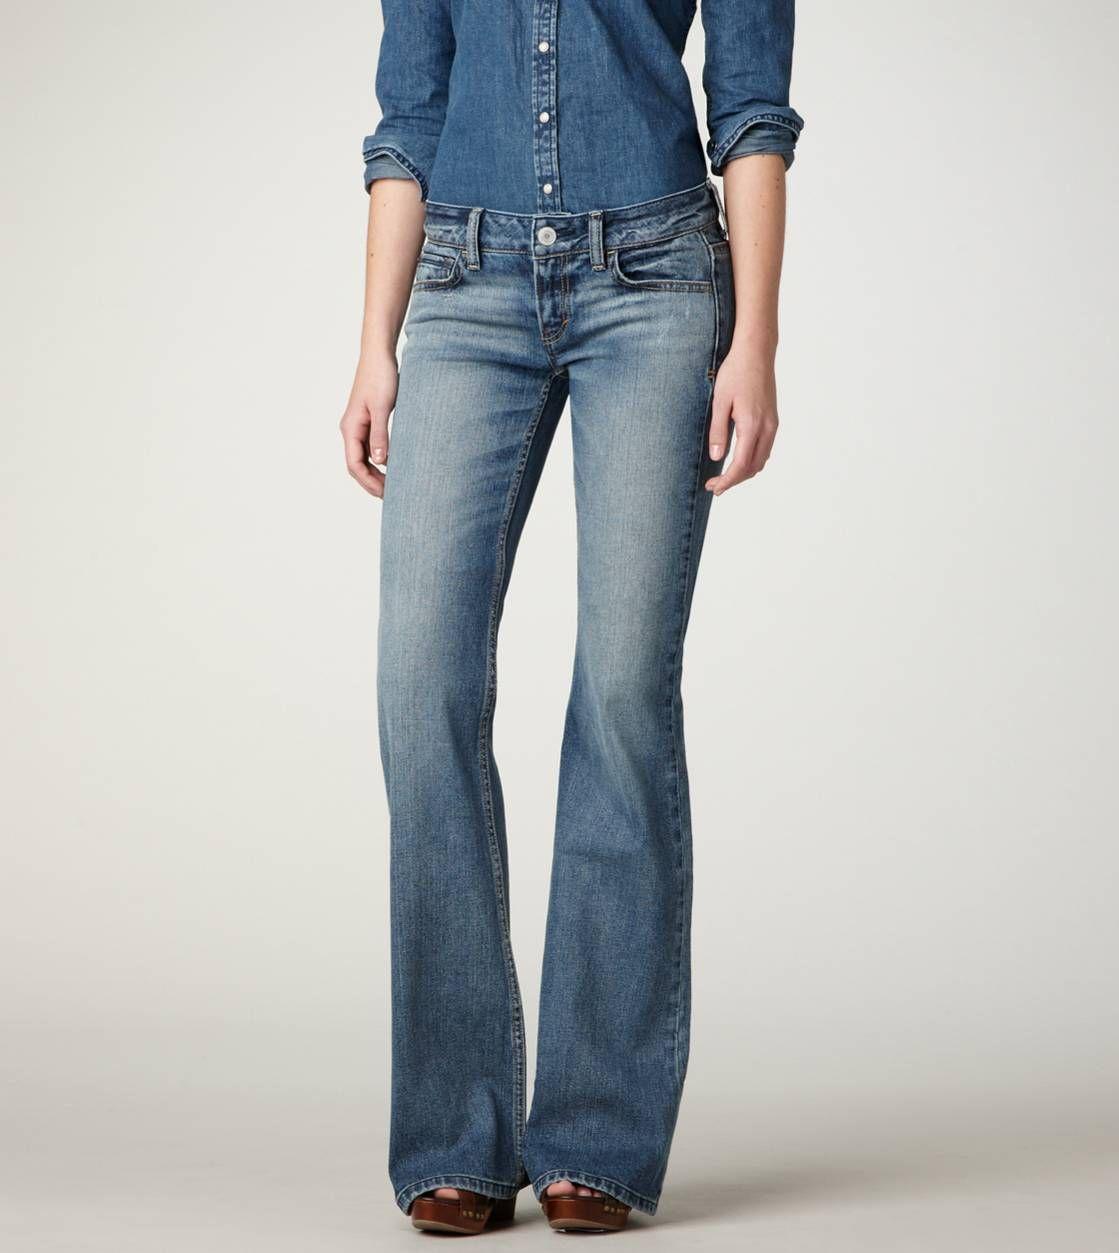 Tu personalidad de acuerdo a los Jeans que te gust